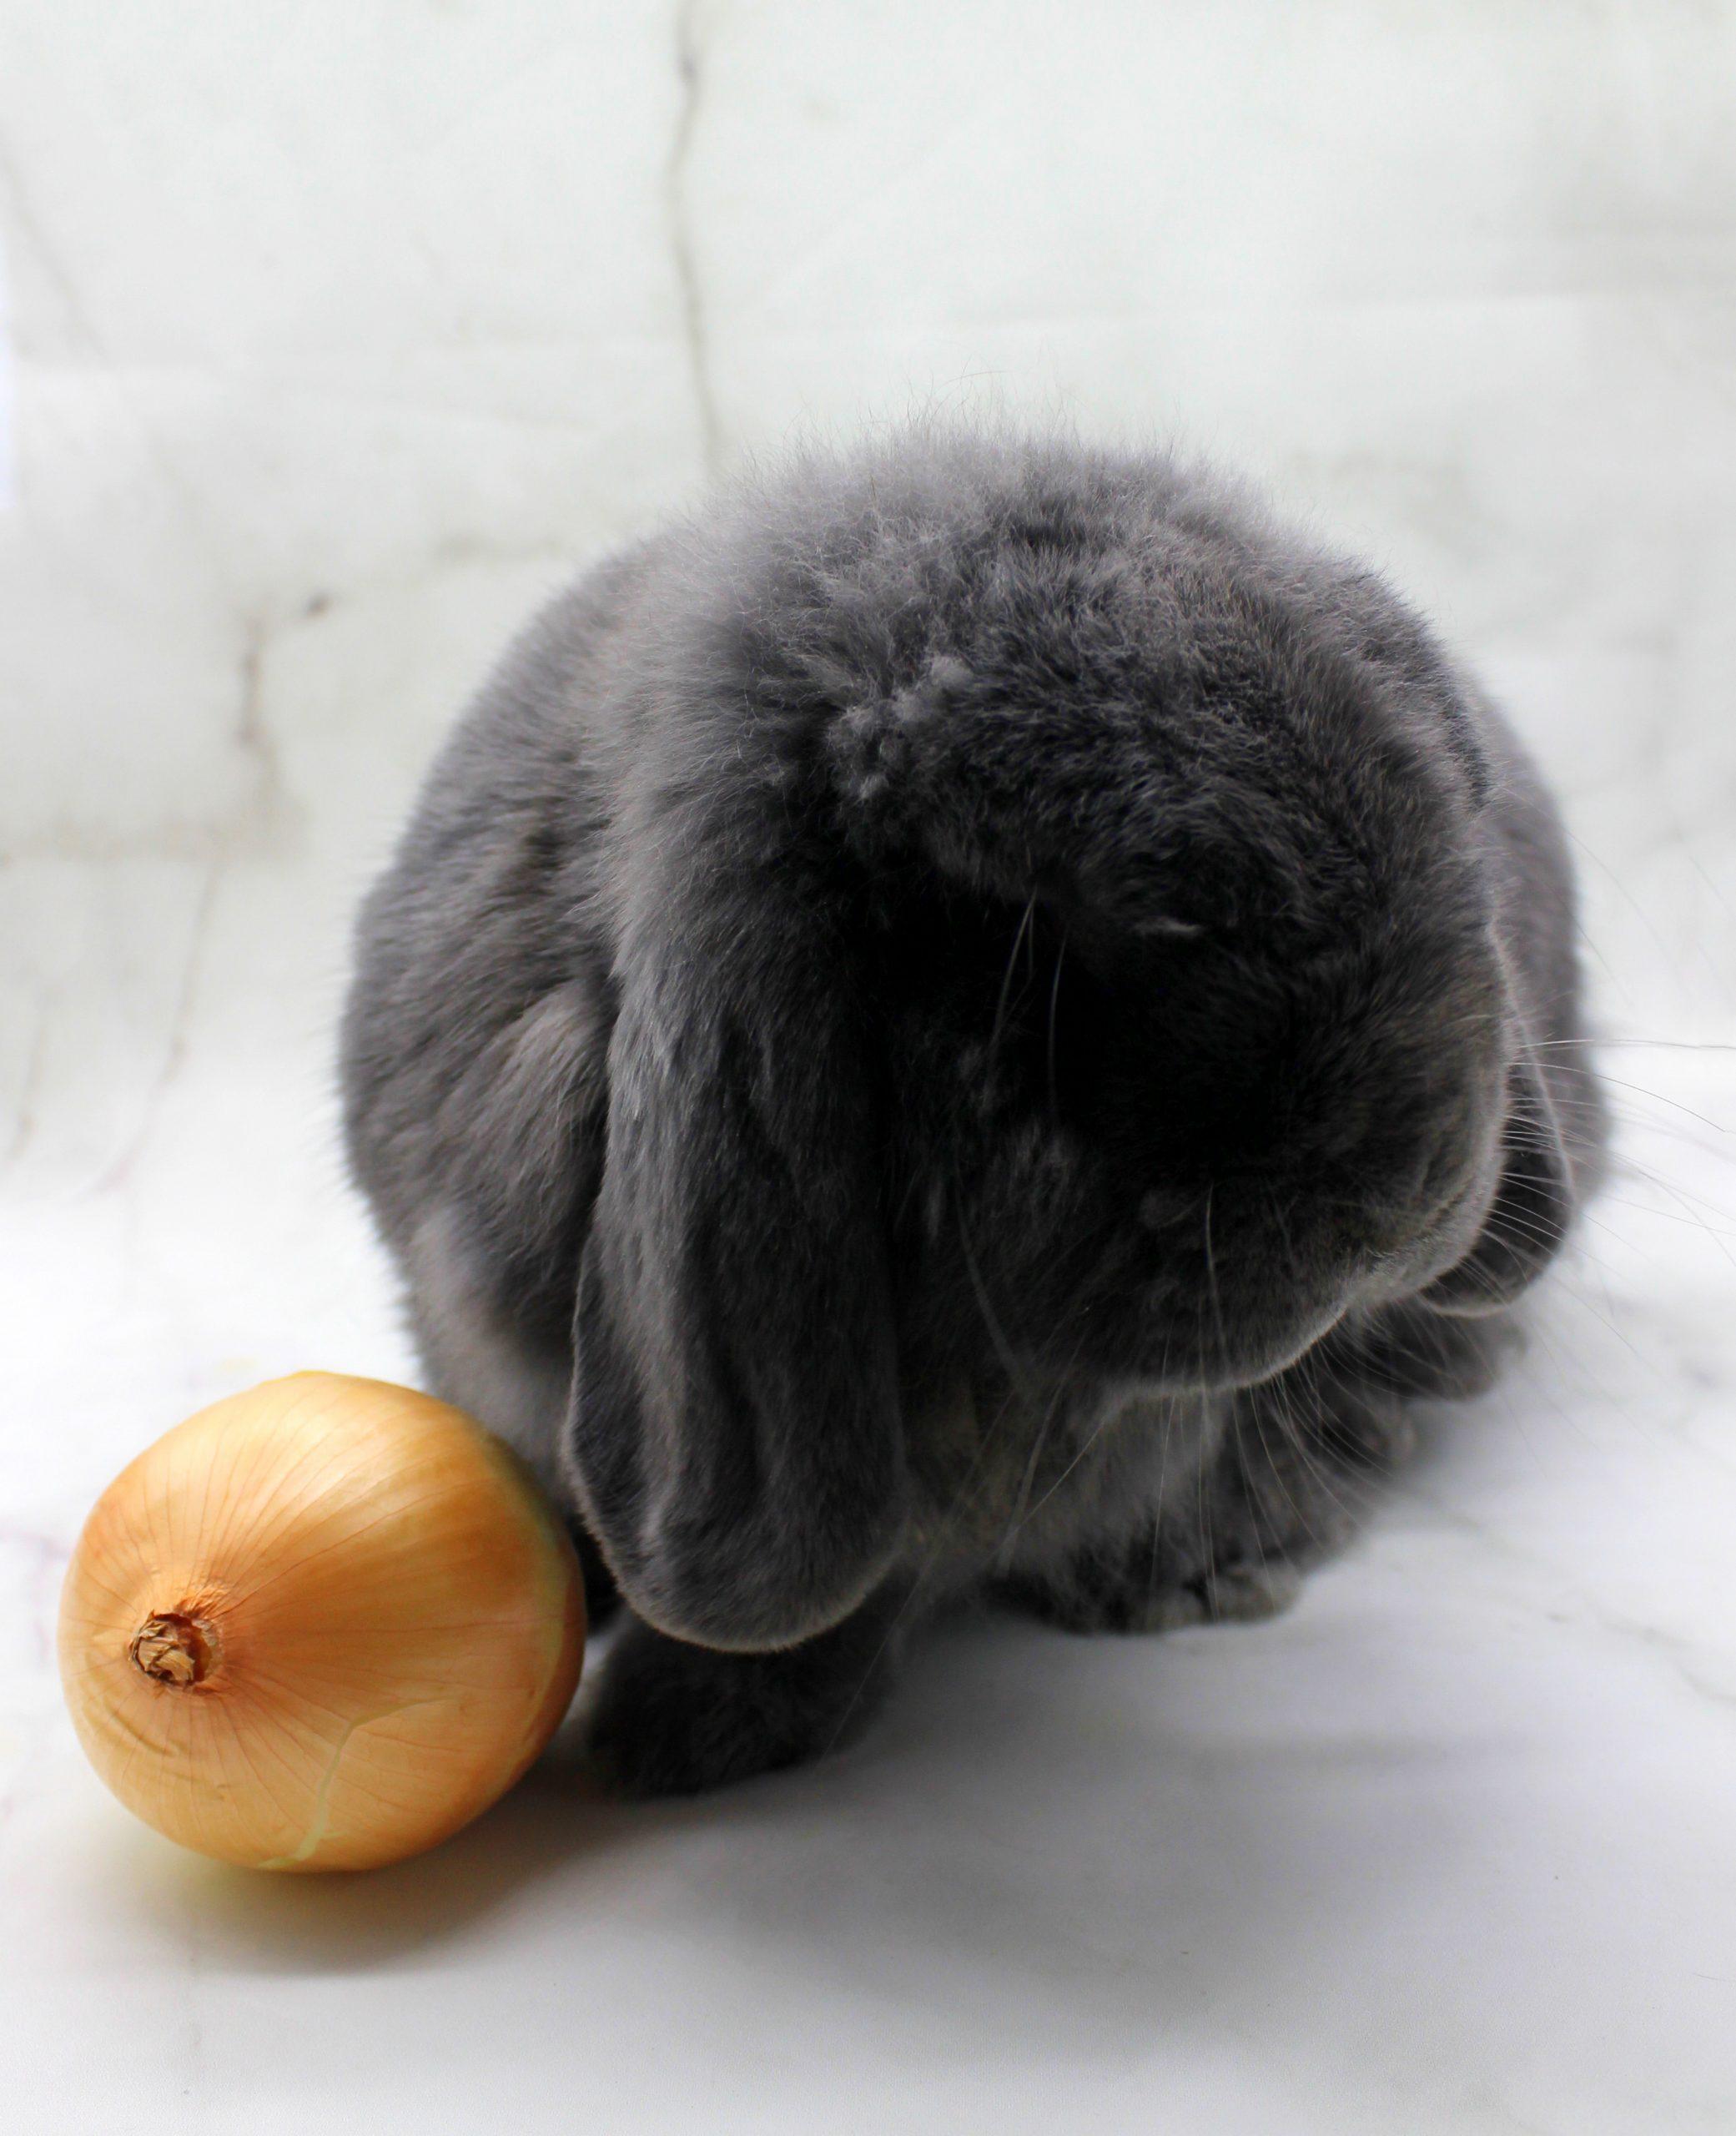 Cute bunny and an onion